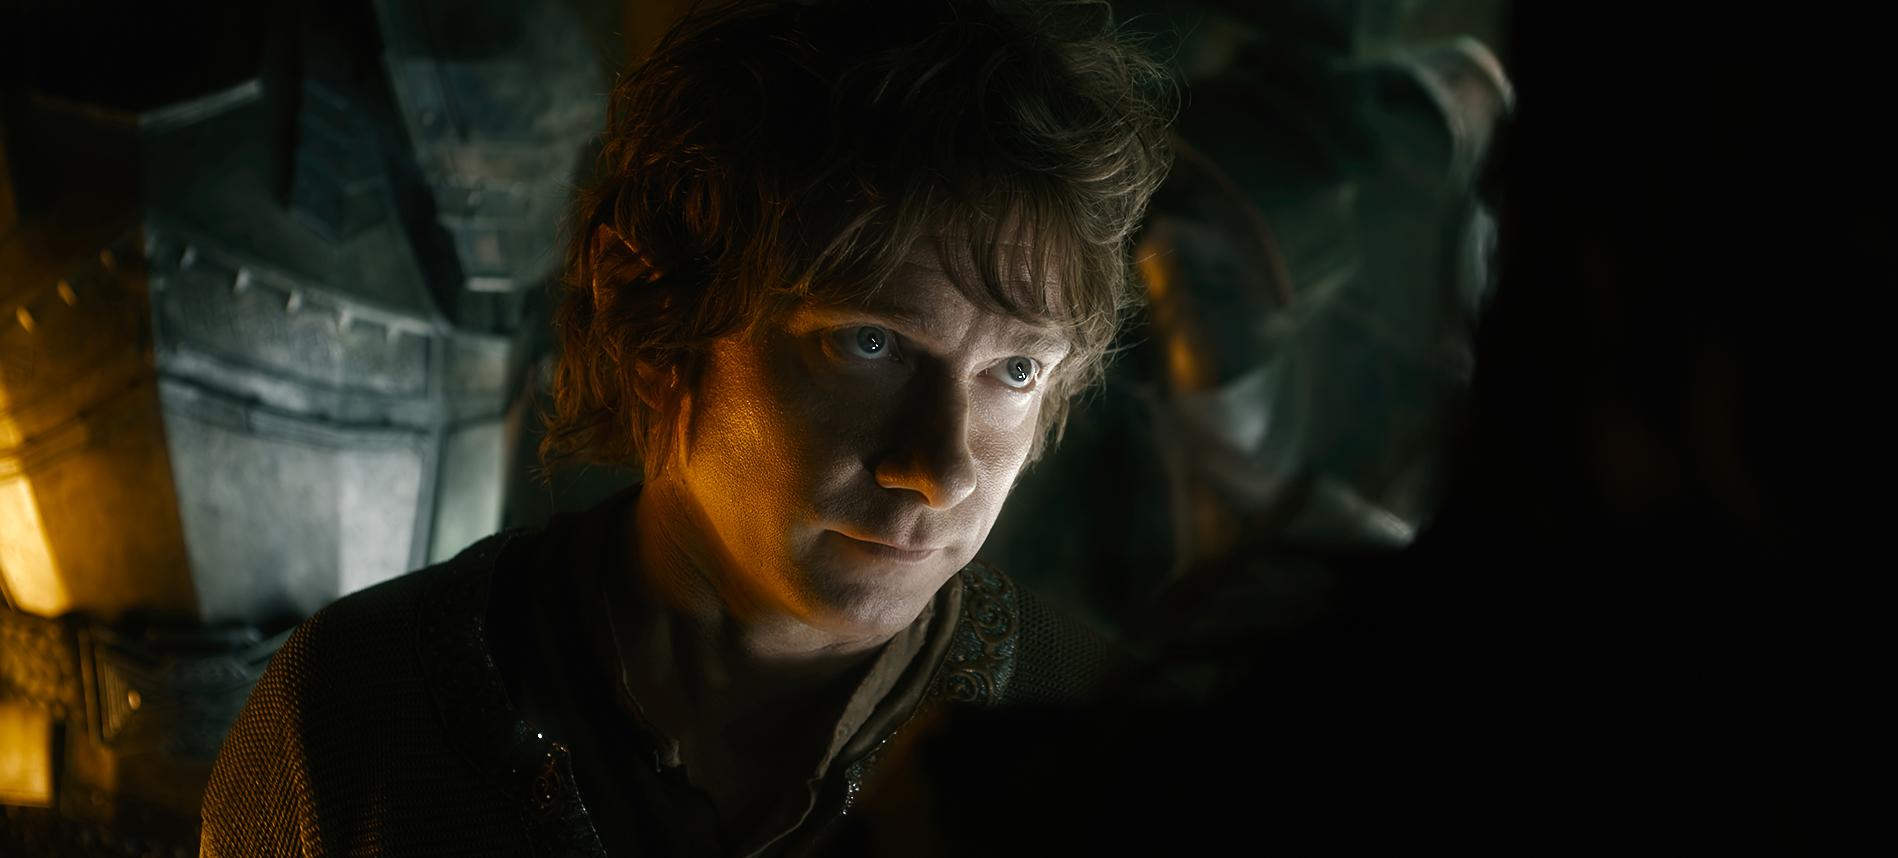 Le Seigneur des Anneaux / The Hobbit #3 HTBOTFA-TRLR2-0001-cb2220721